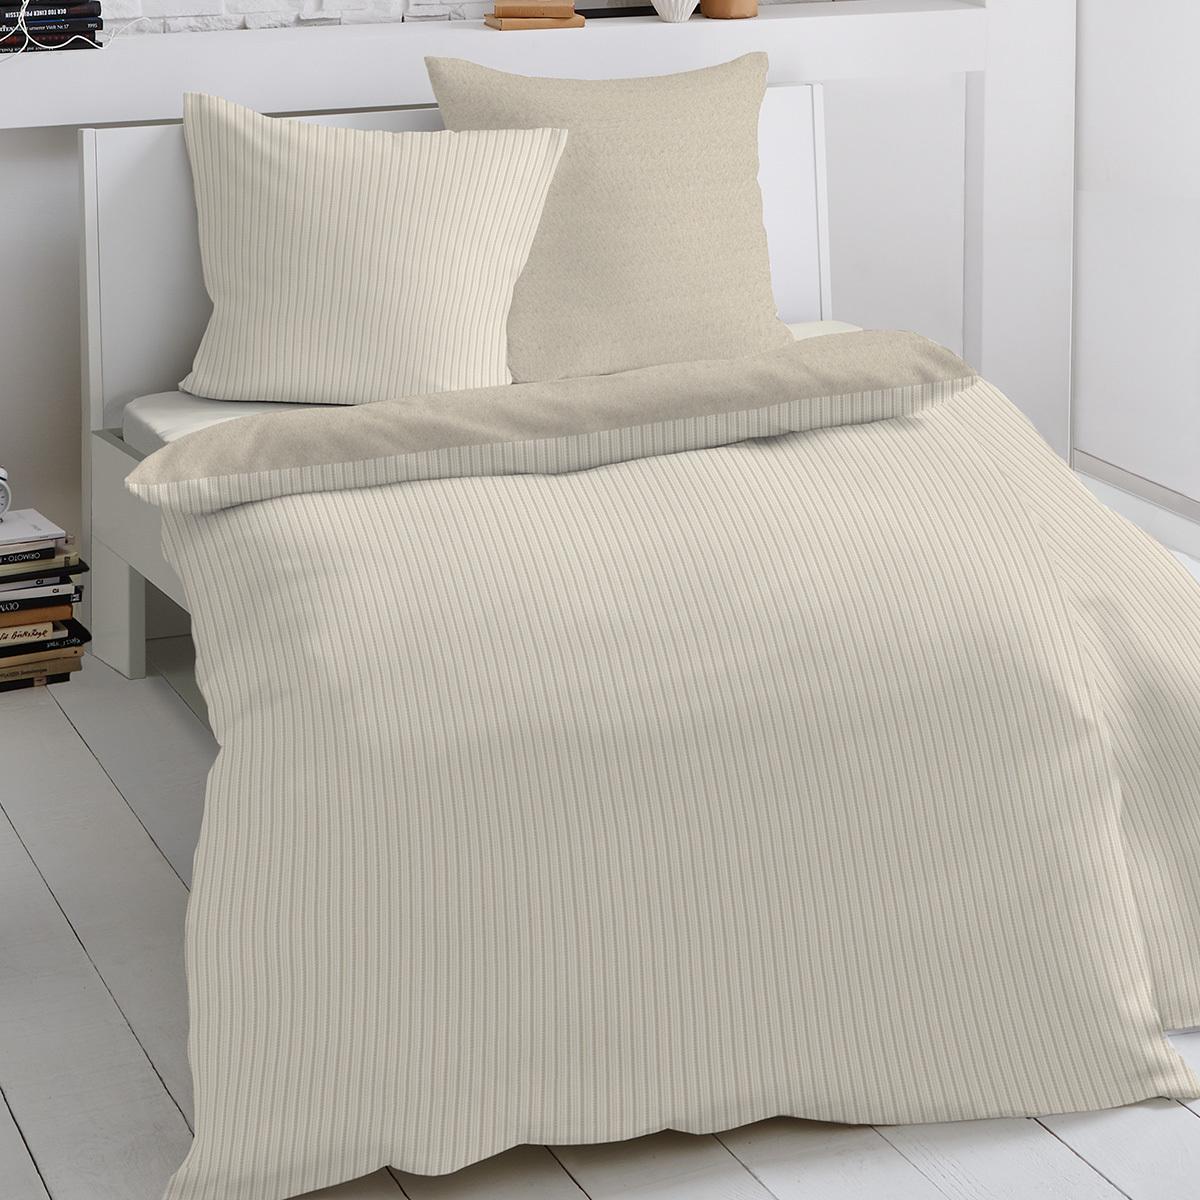 traumschlaf leinen flanell wendebettw sche streifen beige g nstig online kaufen bei bettwaren shop. Black Bedroom Furniture Sets. Home Design Ideas